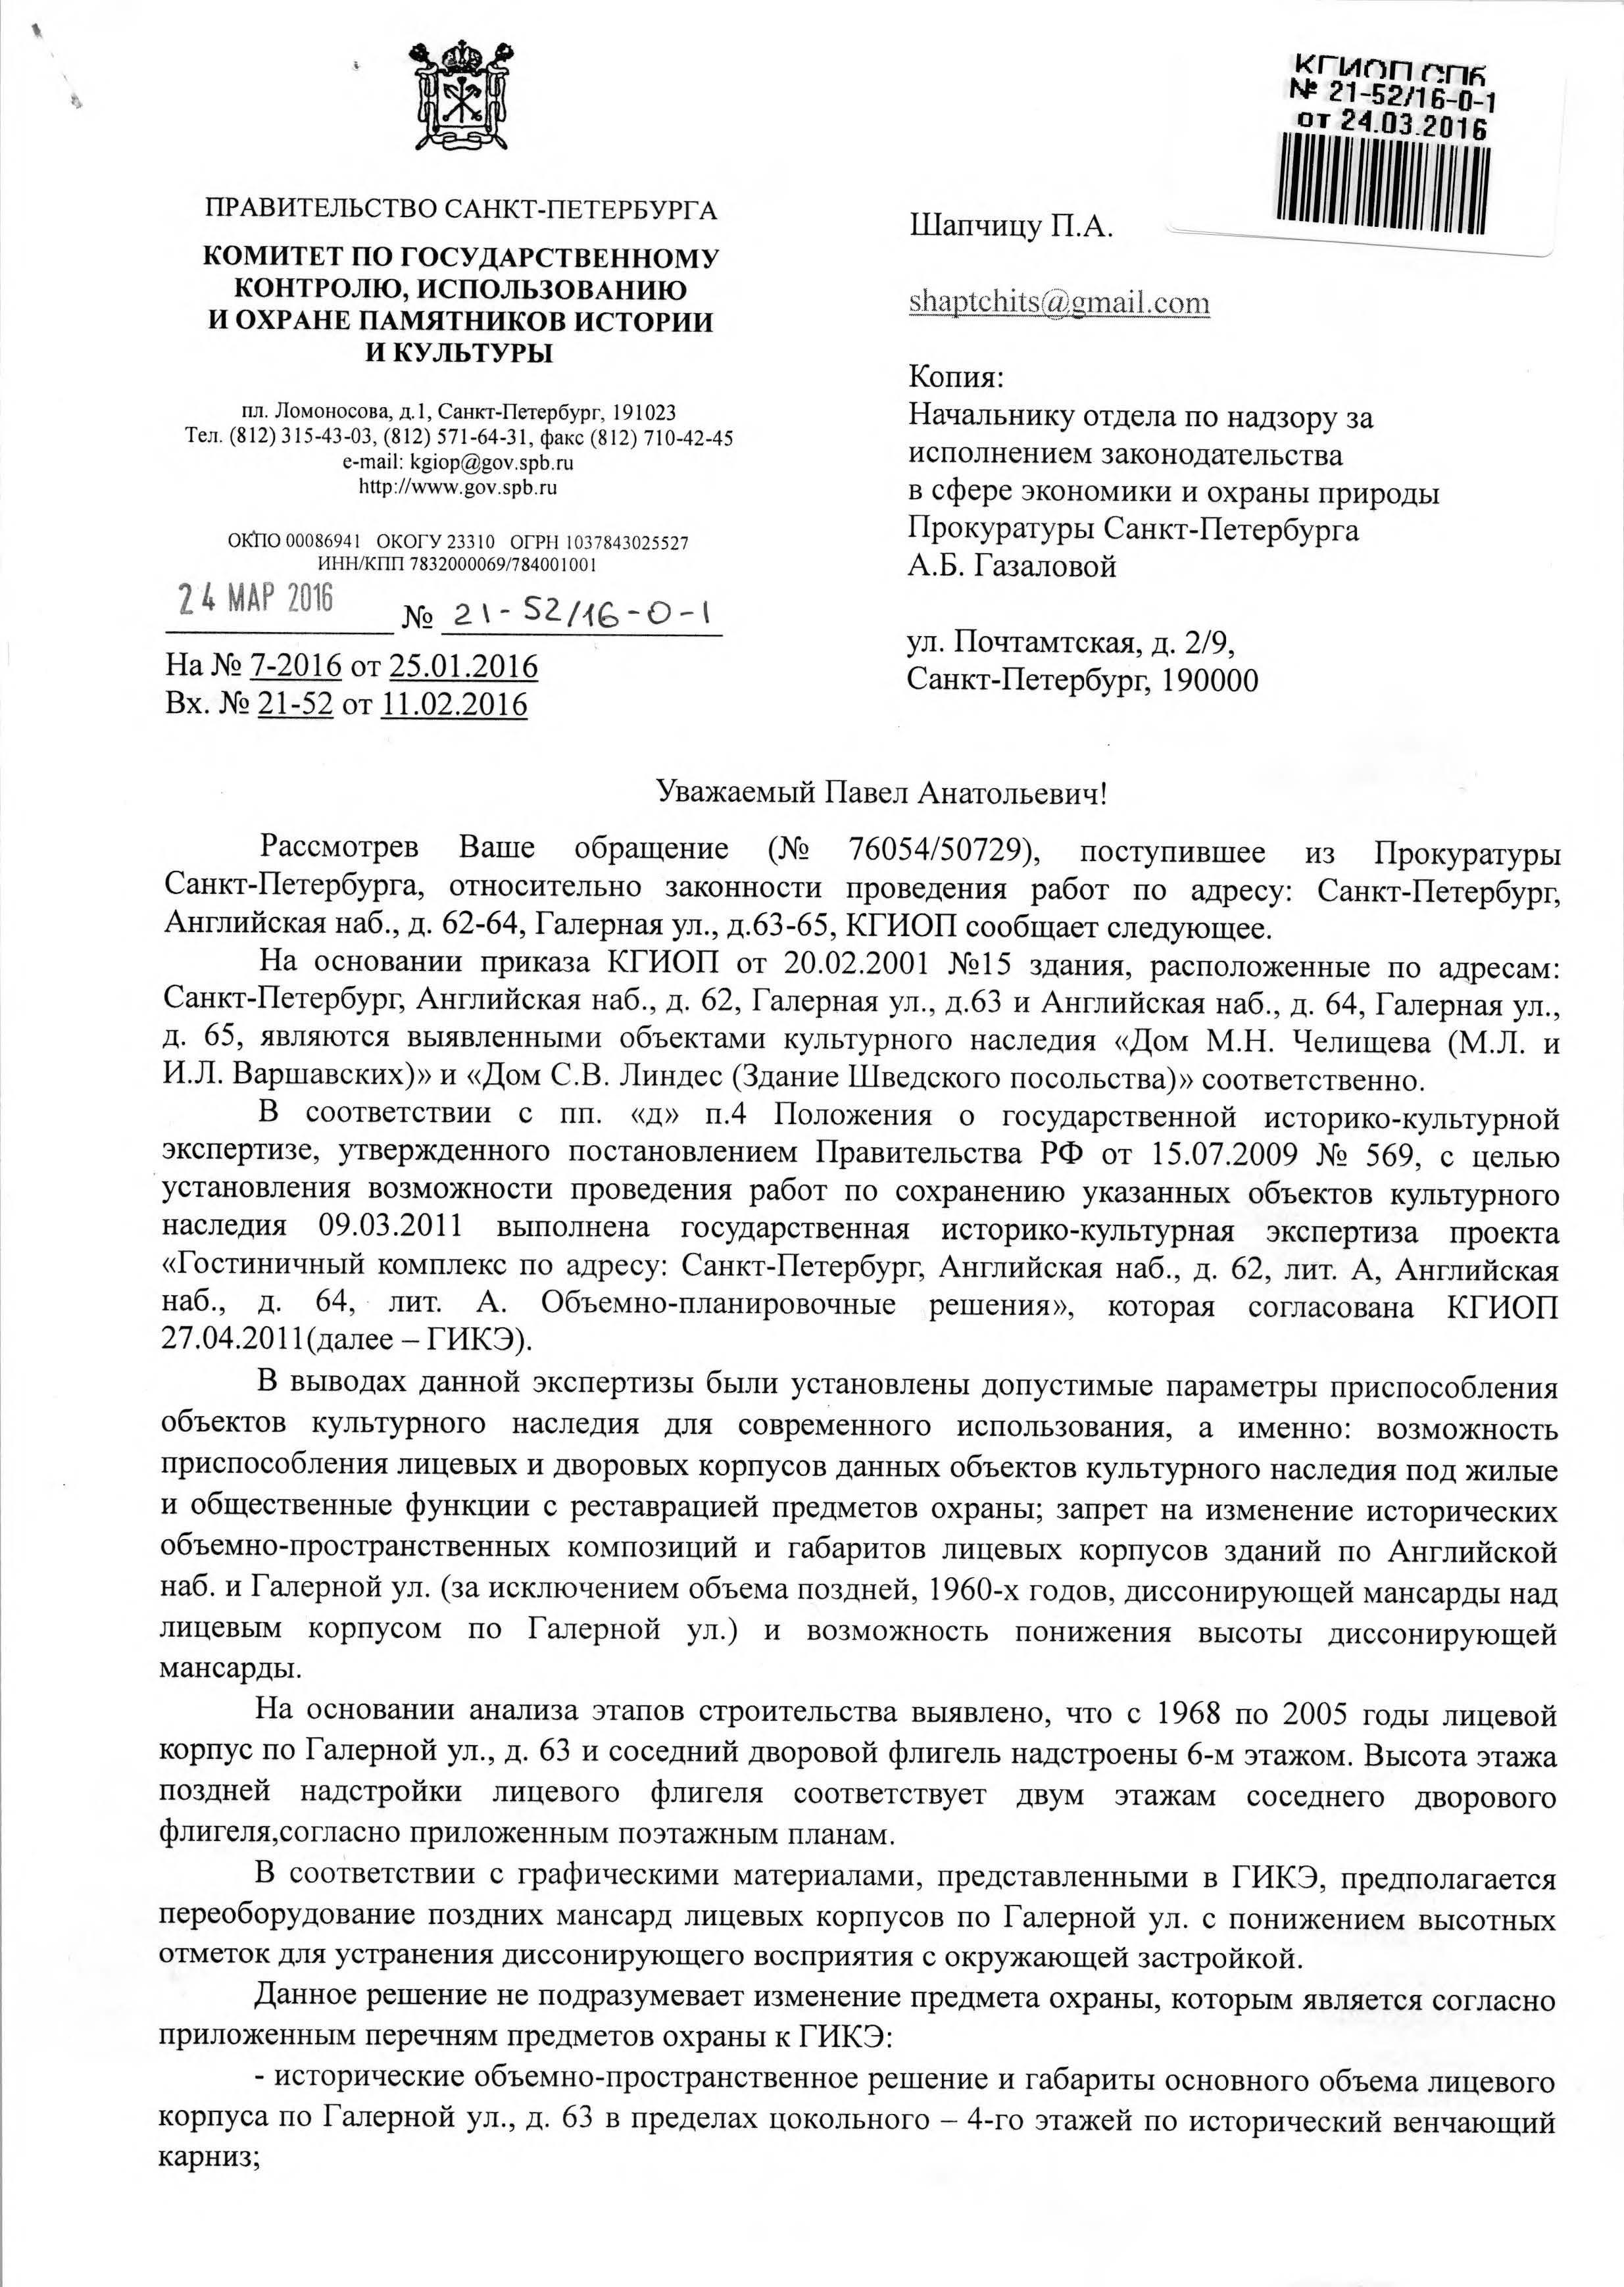 Новое заявление на рвп 2016 консультант плюс - 8